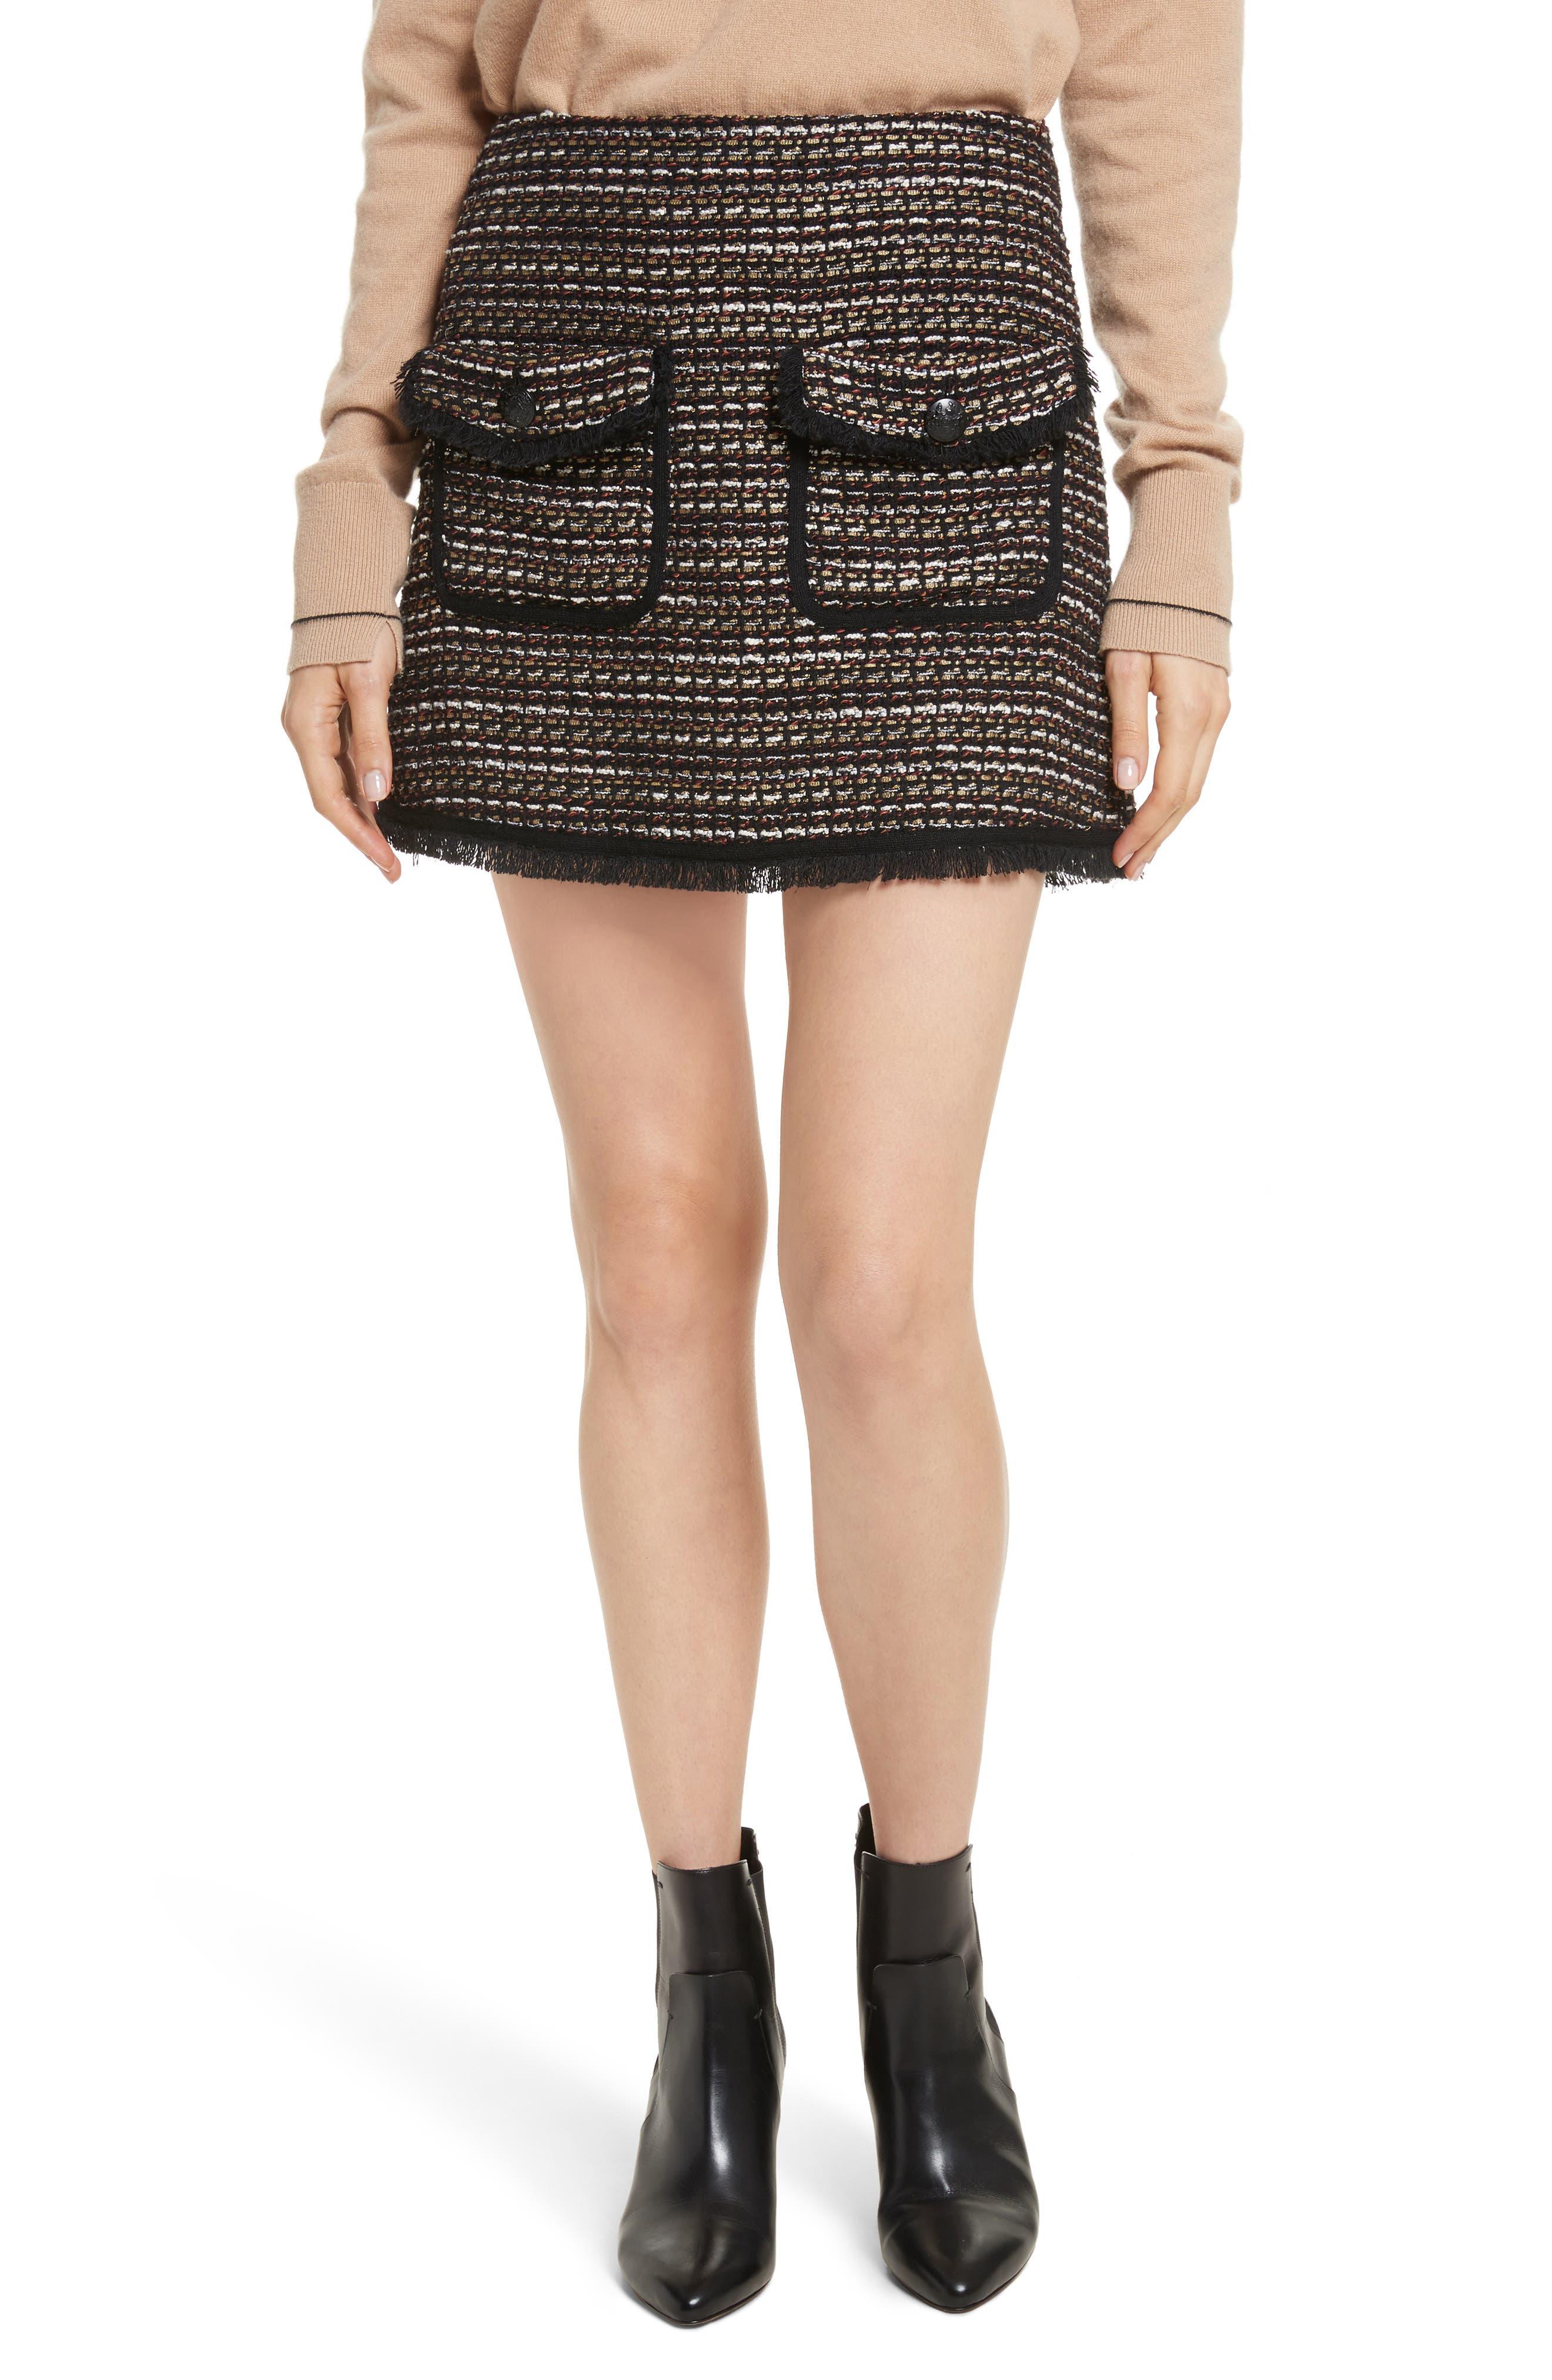 Margot Skirt,                             Main thumbnail 1, color,                             Black/ White/ Gold